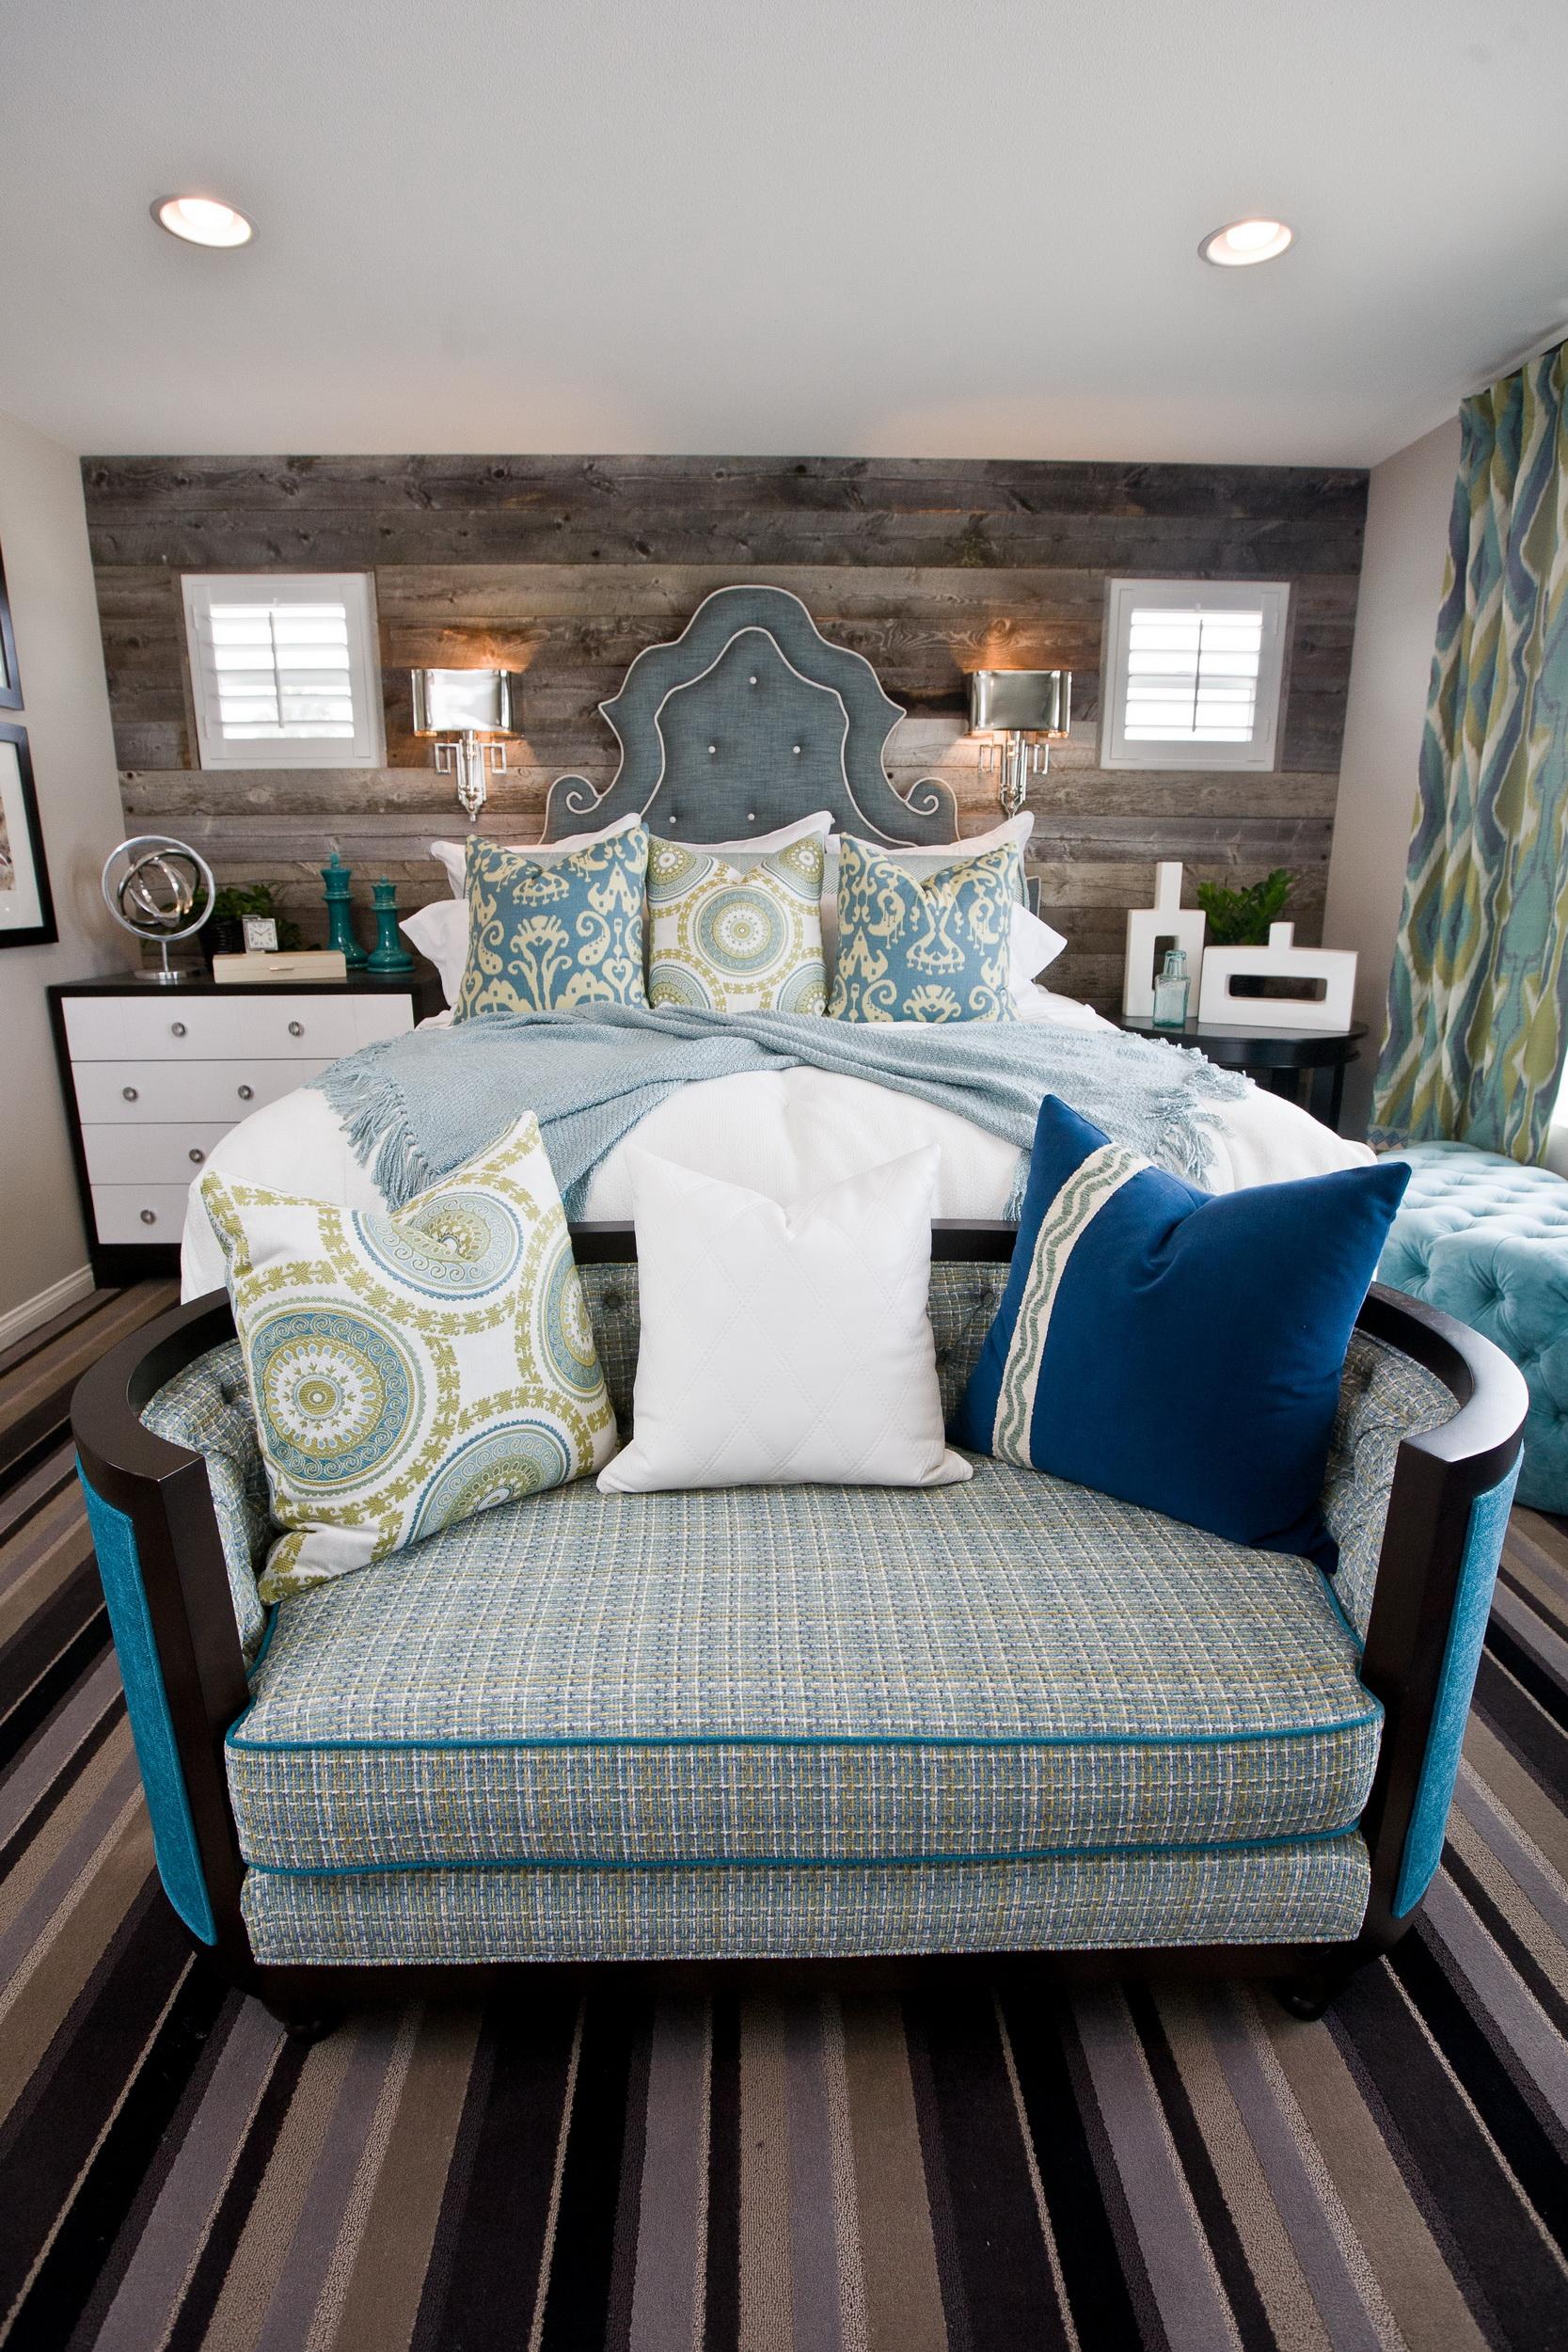 Спальня в синих. белых и зеленых тонах. Натуральная древесина на стене, полосатый ковер. Кровать, подушки.